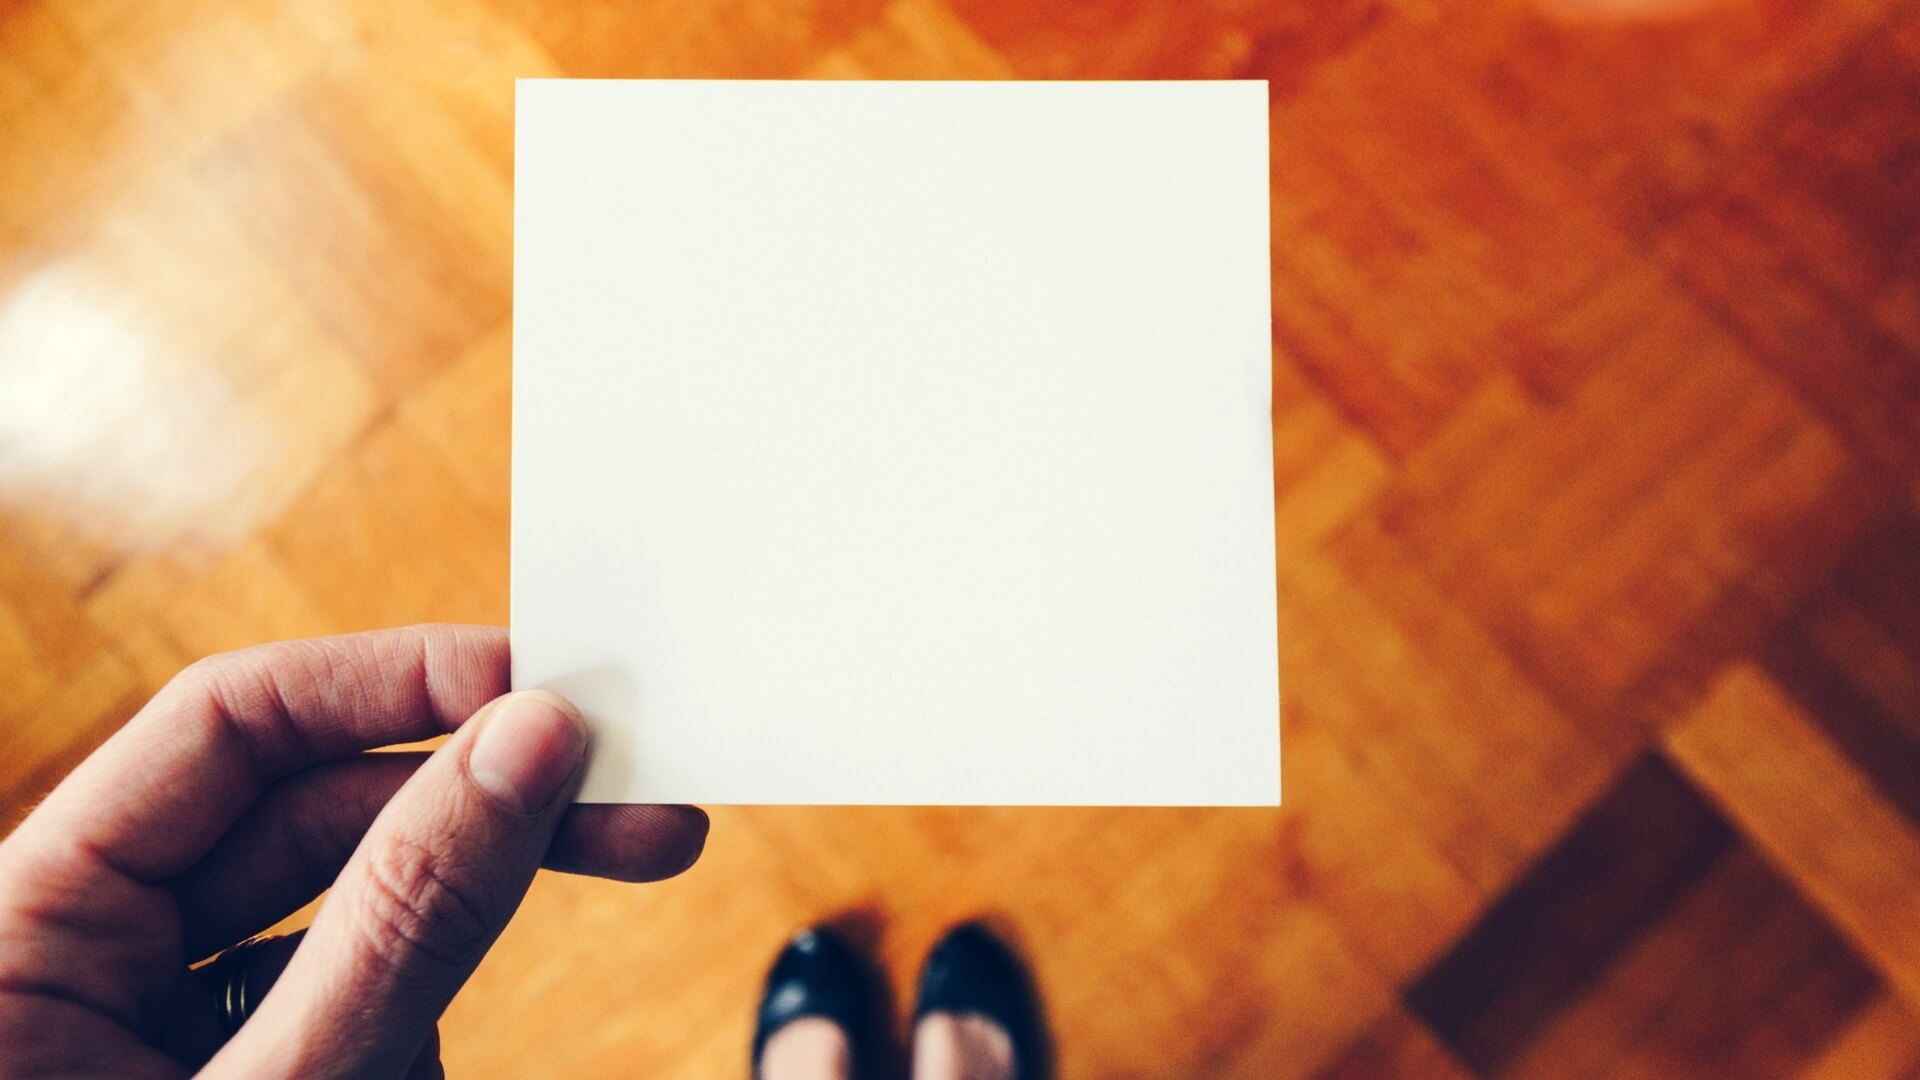 祝儀袋・不祝儀袋の書き方と選び方|結婚式や葬式で恥をかかないマナー